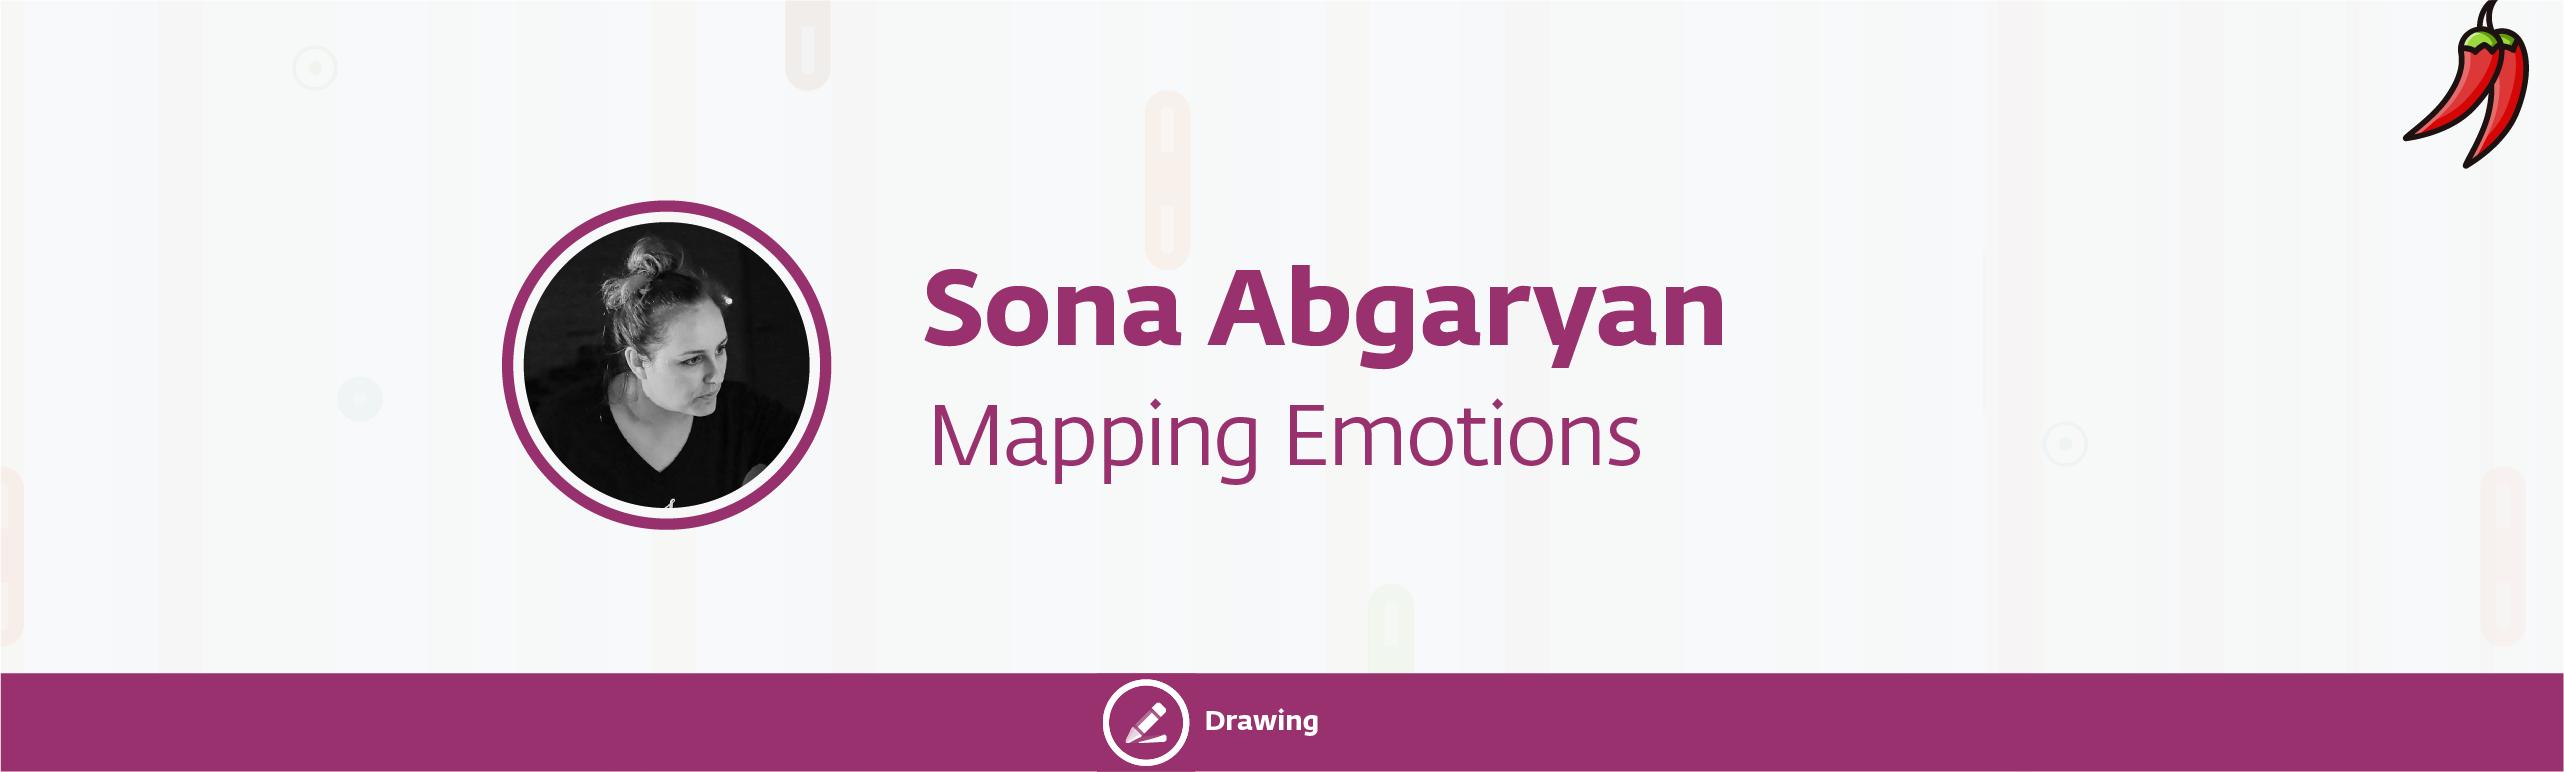 sona shamiram 52 - Mapping Emotions